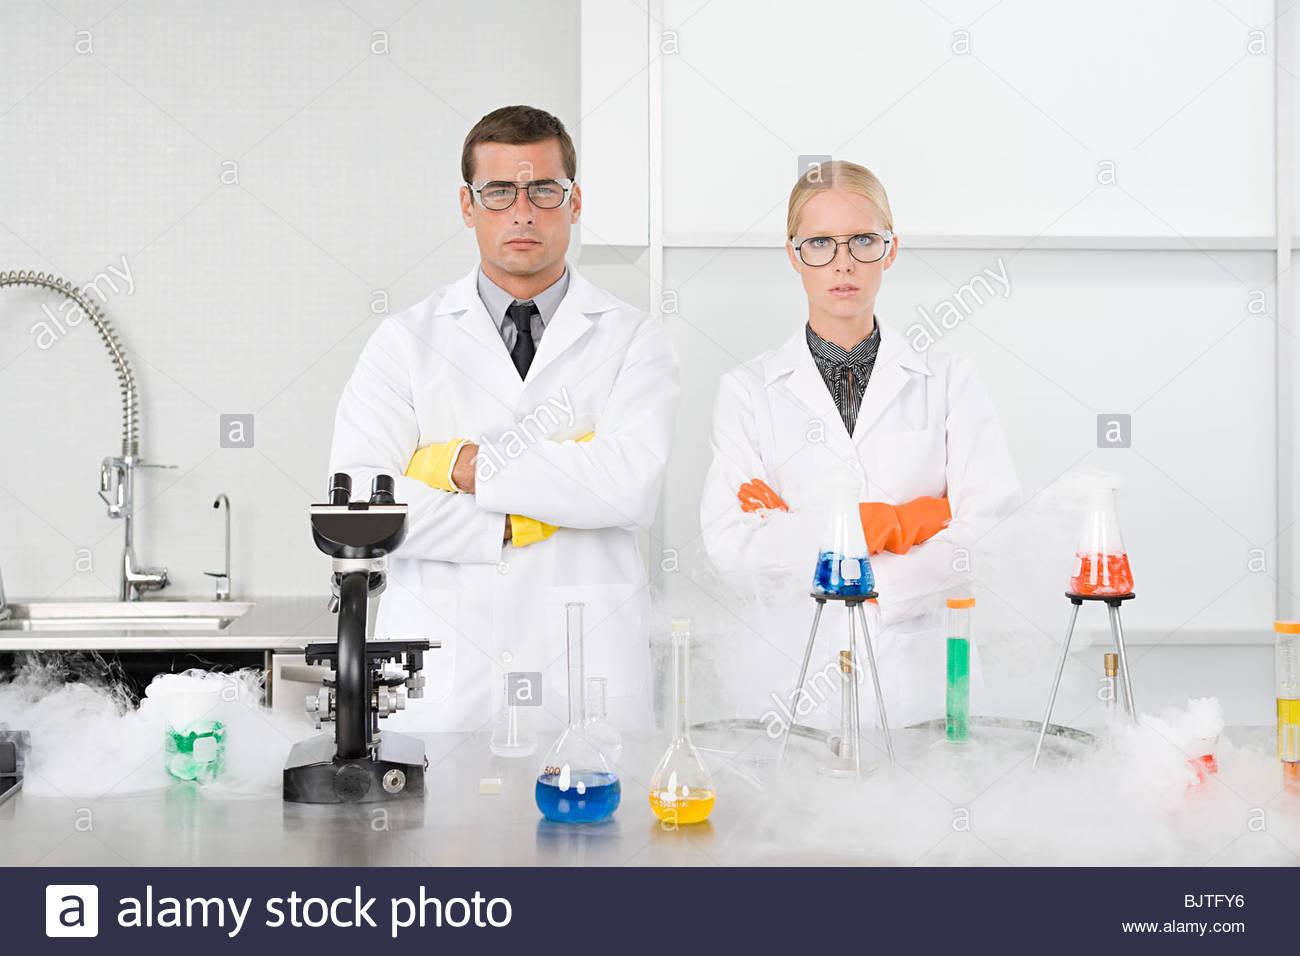 Portrait de scientifiques dans un laboratoire Photo Stock